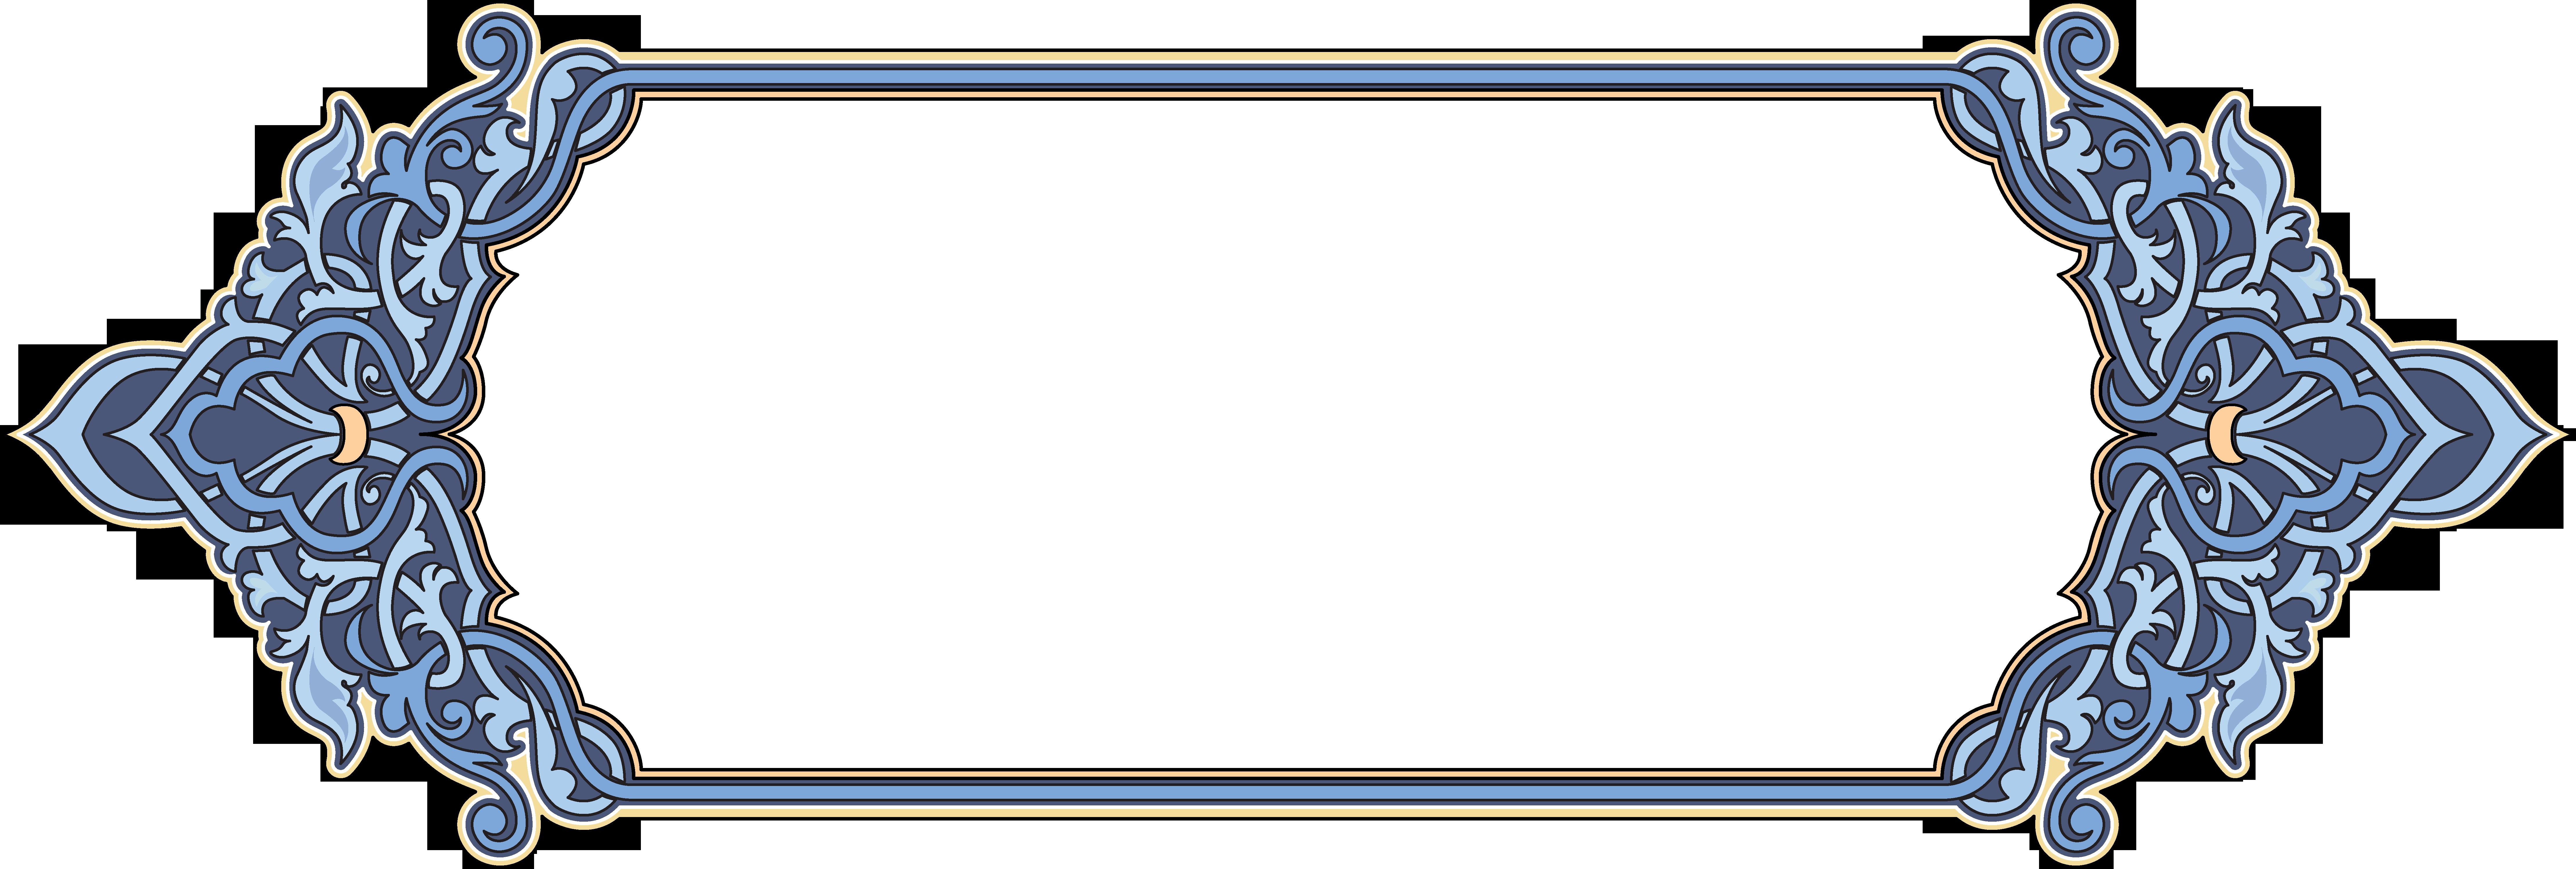 Vin141 Png 8875 2993 Desain Banner Bingkai Seni Islamis